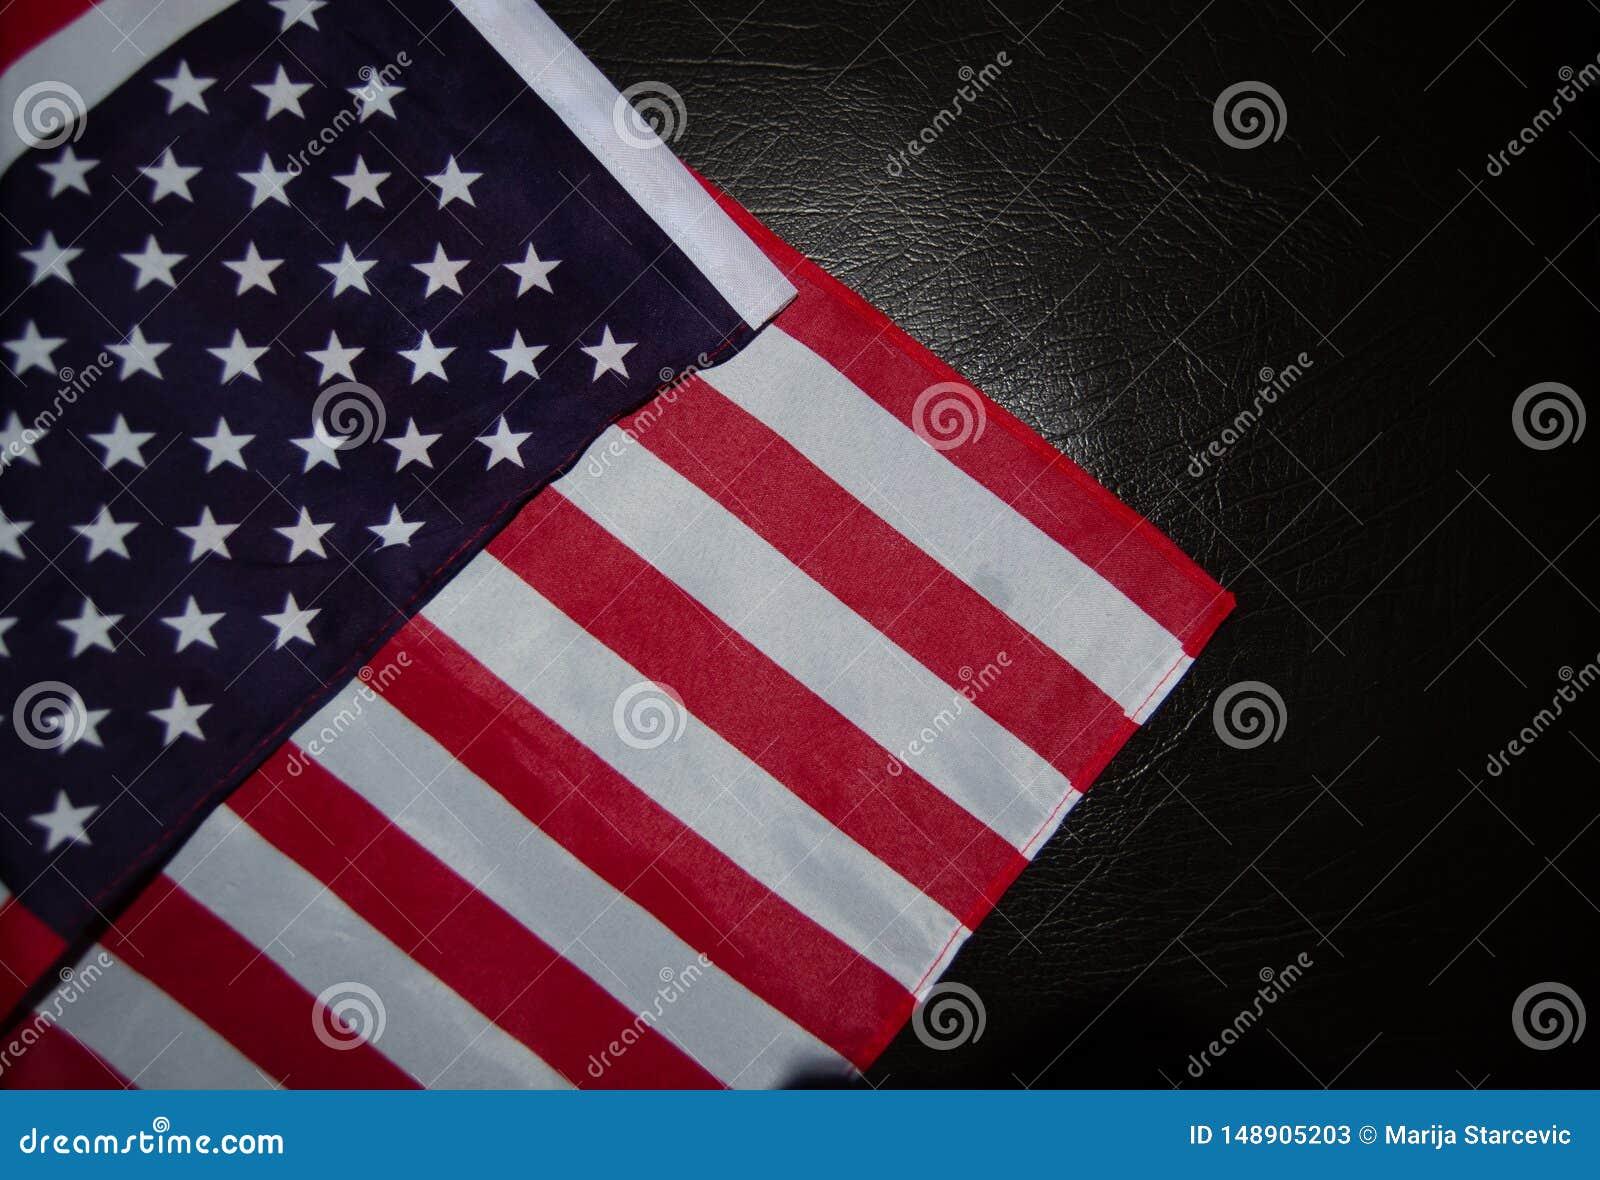 Usa flag on black leather